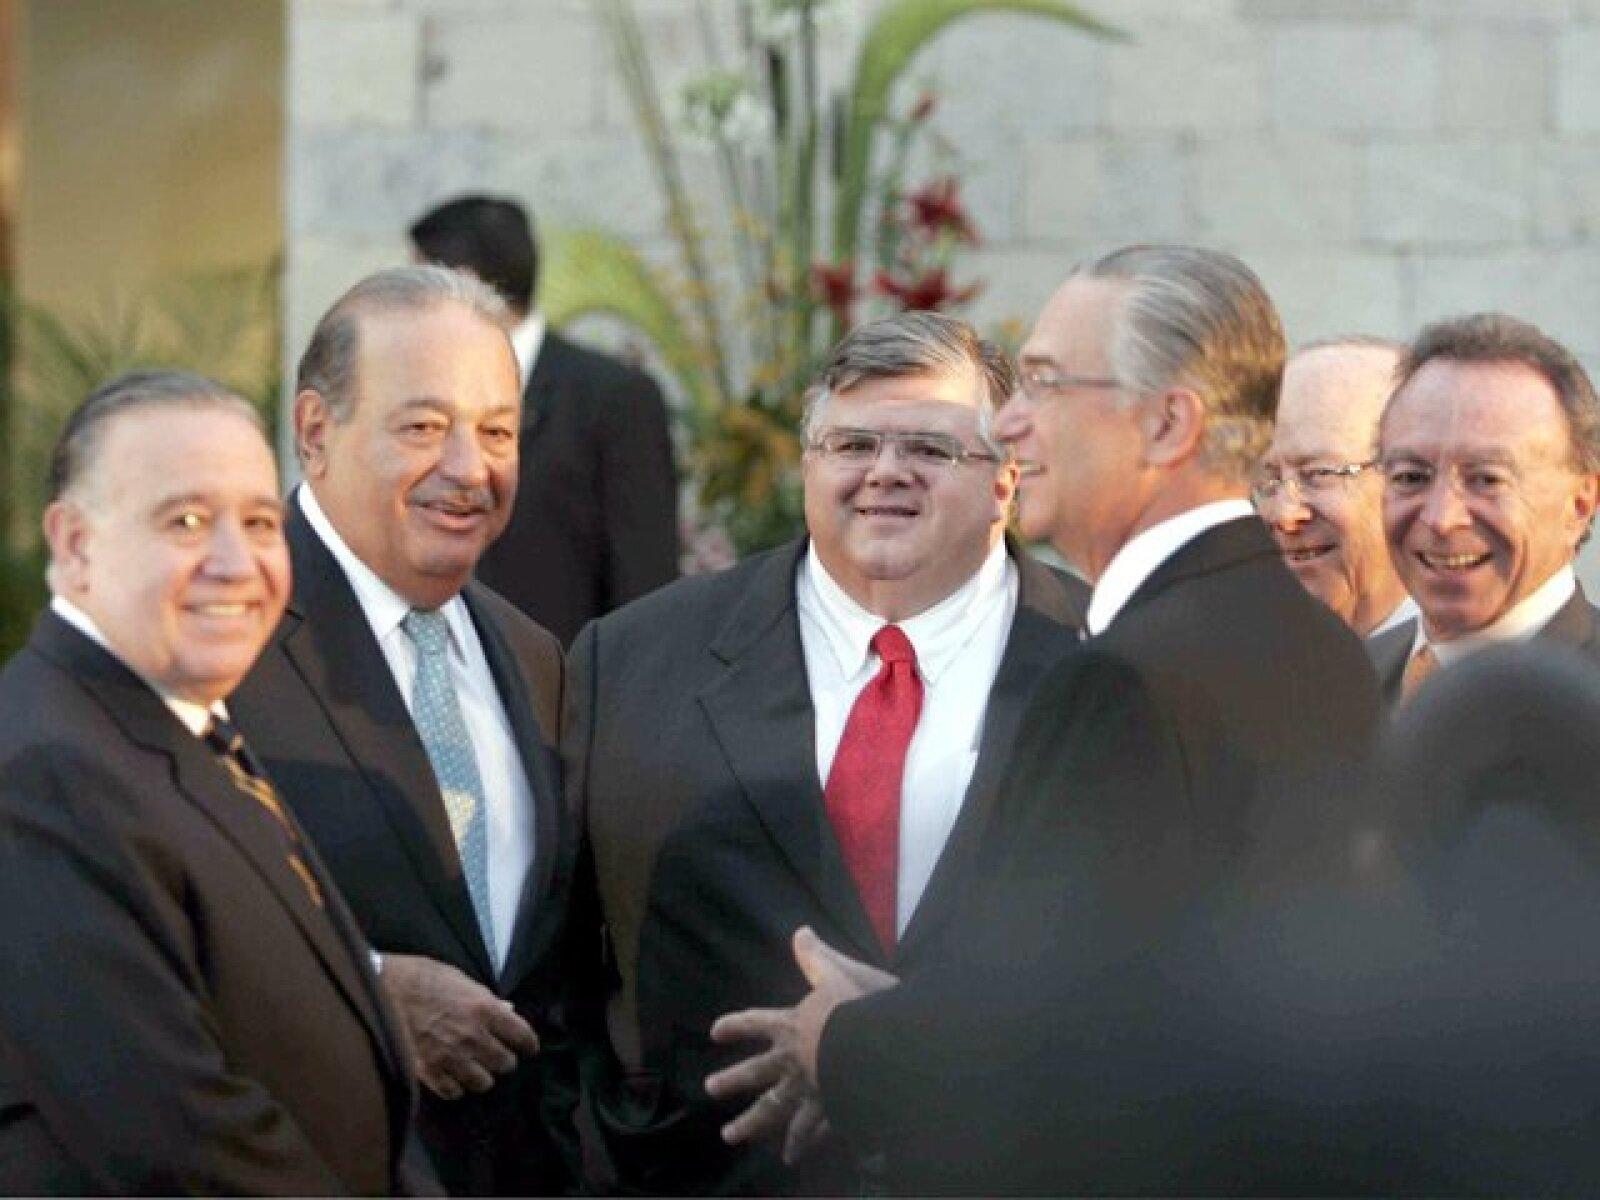 Valentín Díez Morodo, Carlos Slim, Agustín Carstens, Ricardo Salinas Pliego y Guillermo Ortíz Martínez